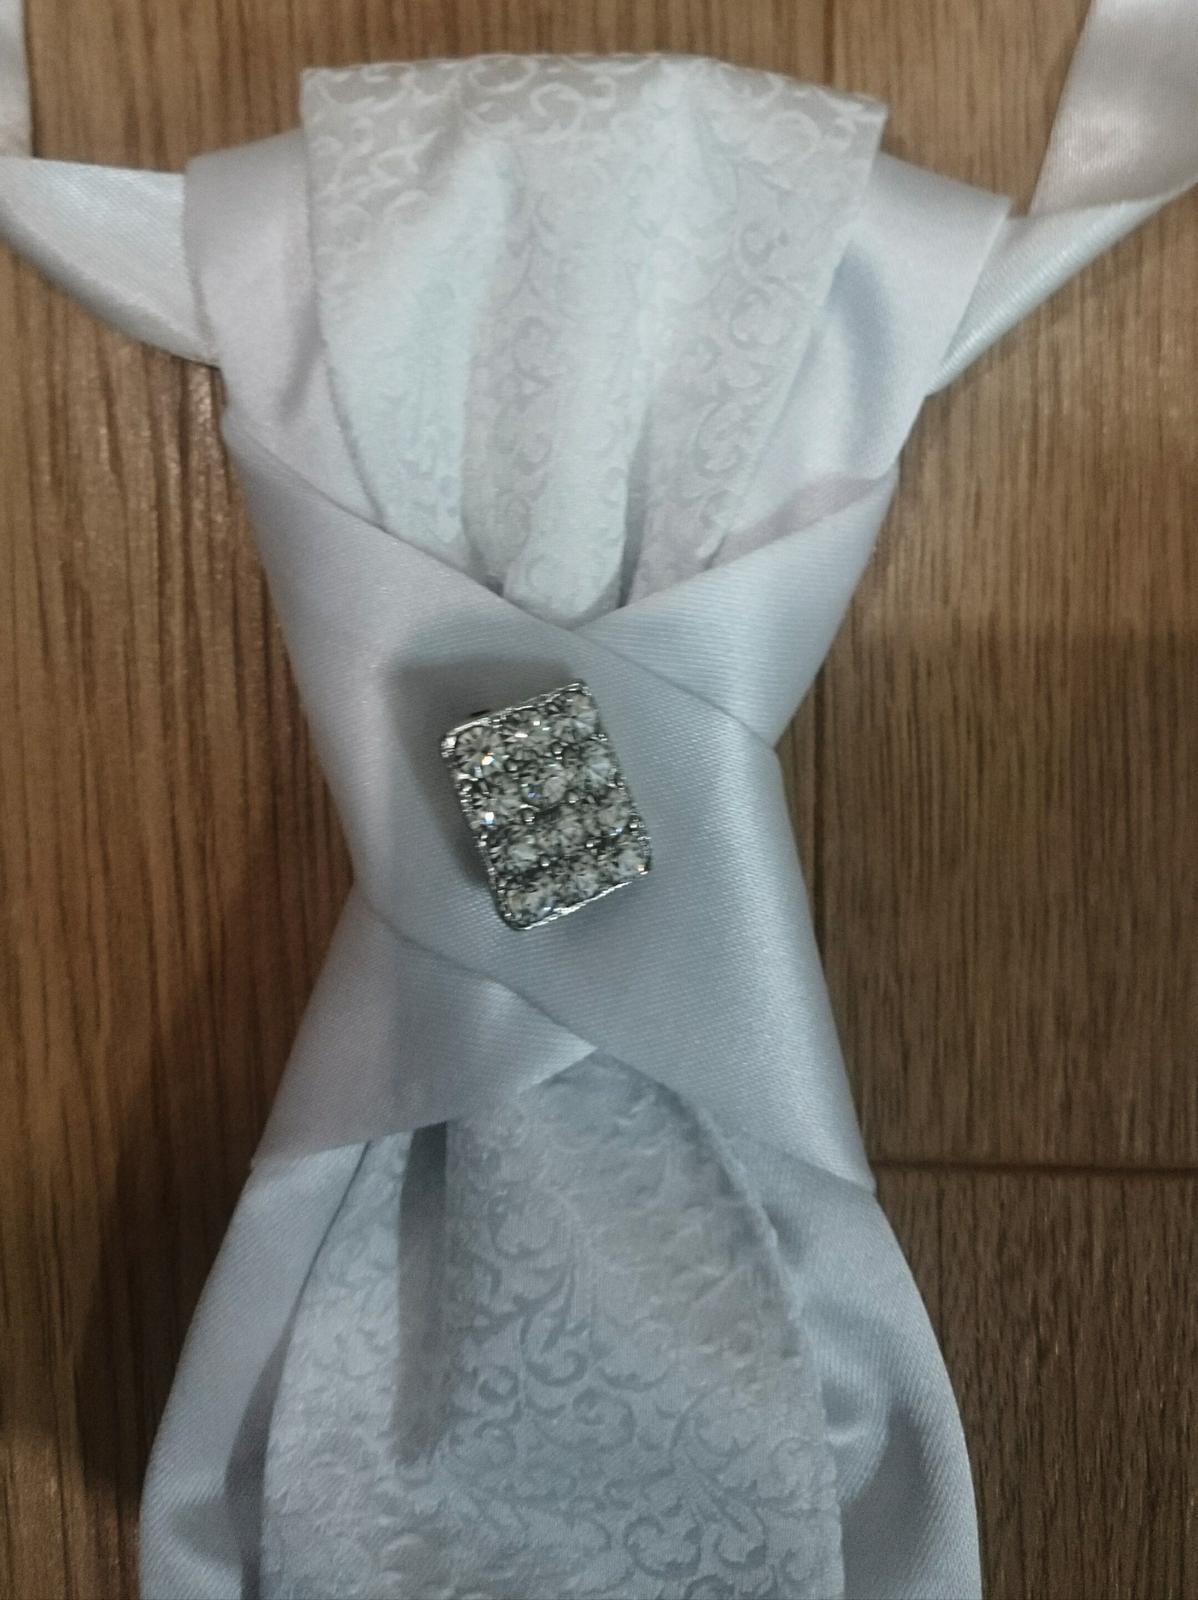 Snehovo biela kravata  - Obrázok č. 1